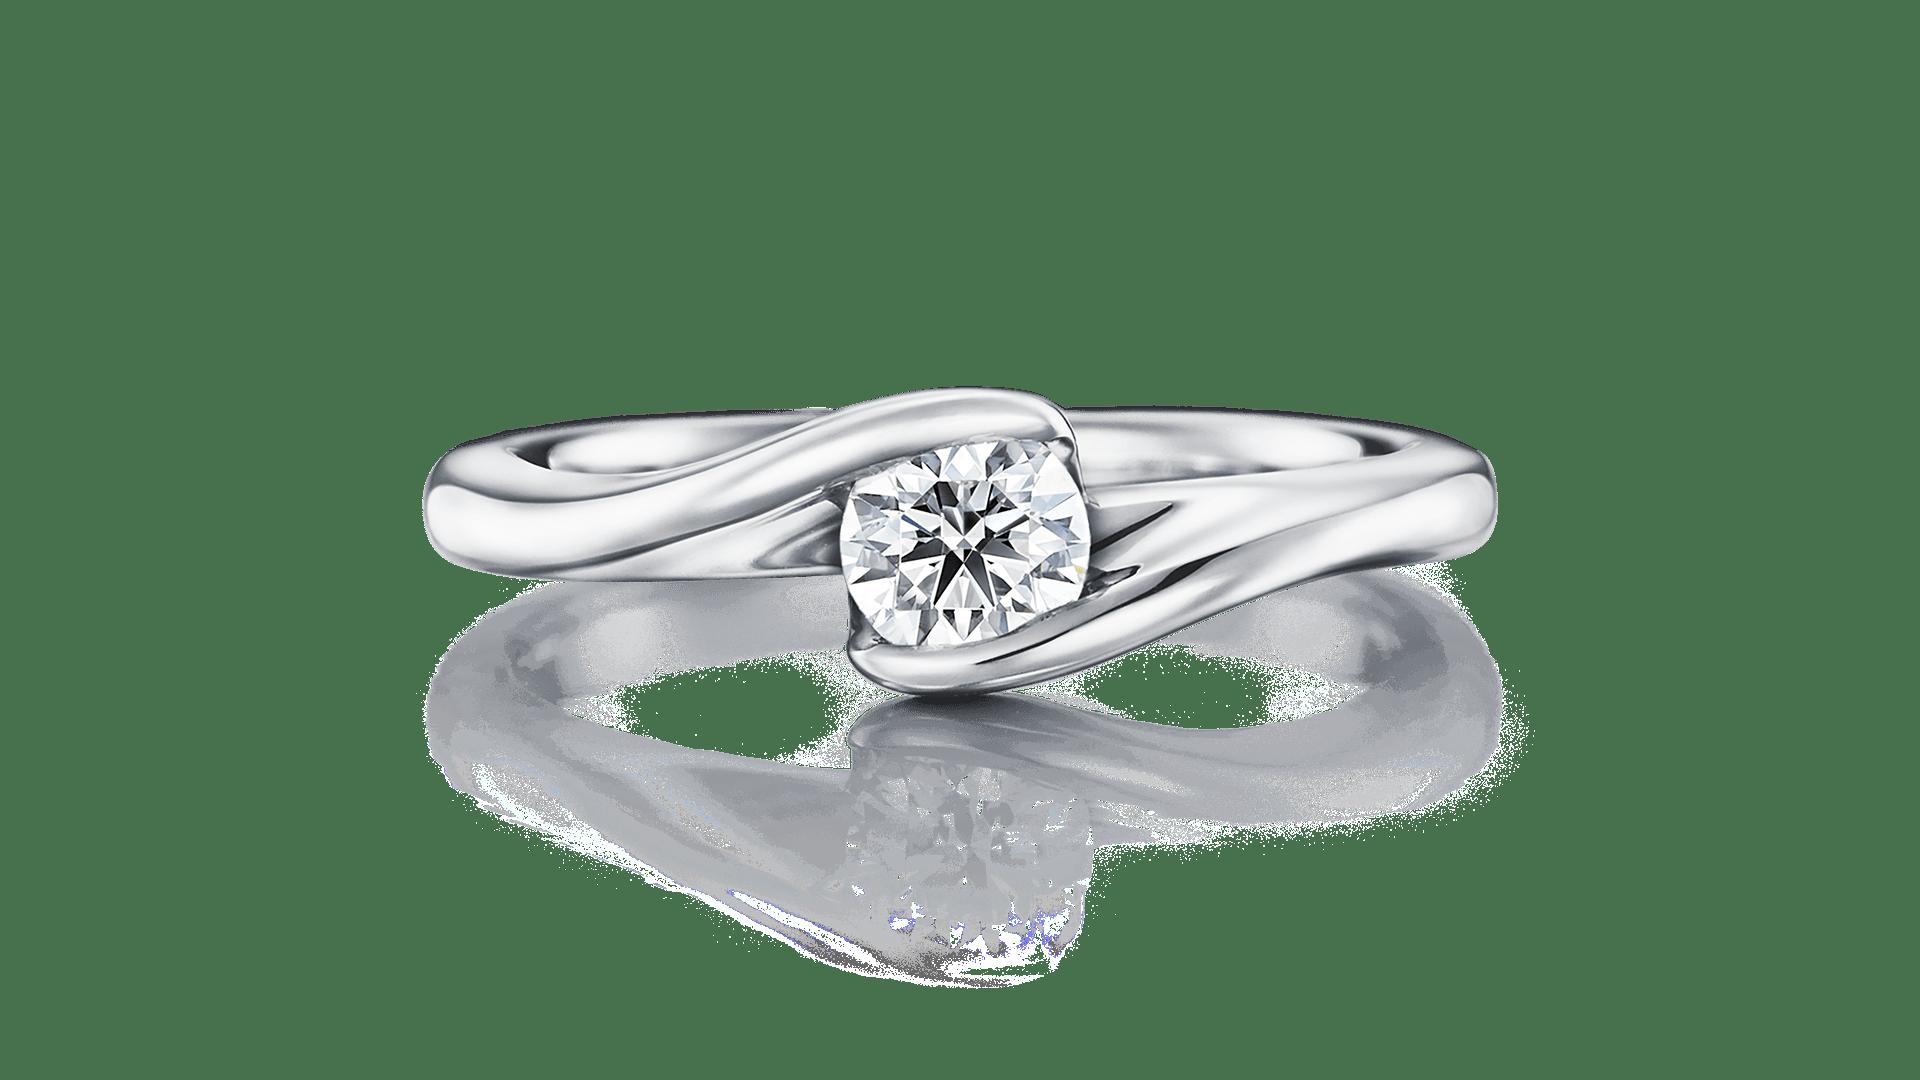 vega ヴェガ | 婚約指輪サムネイル 1